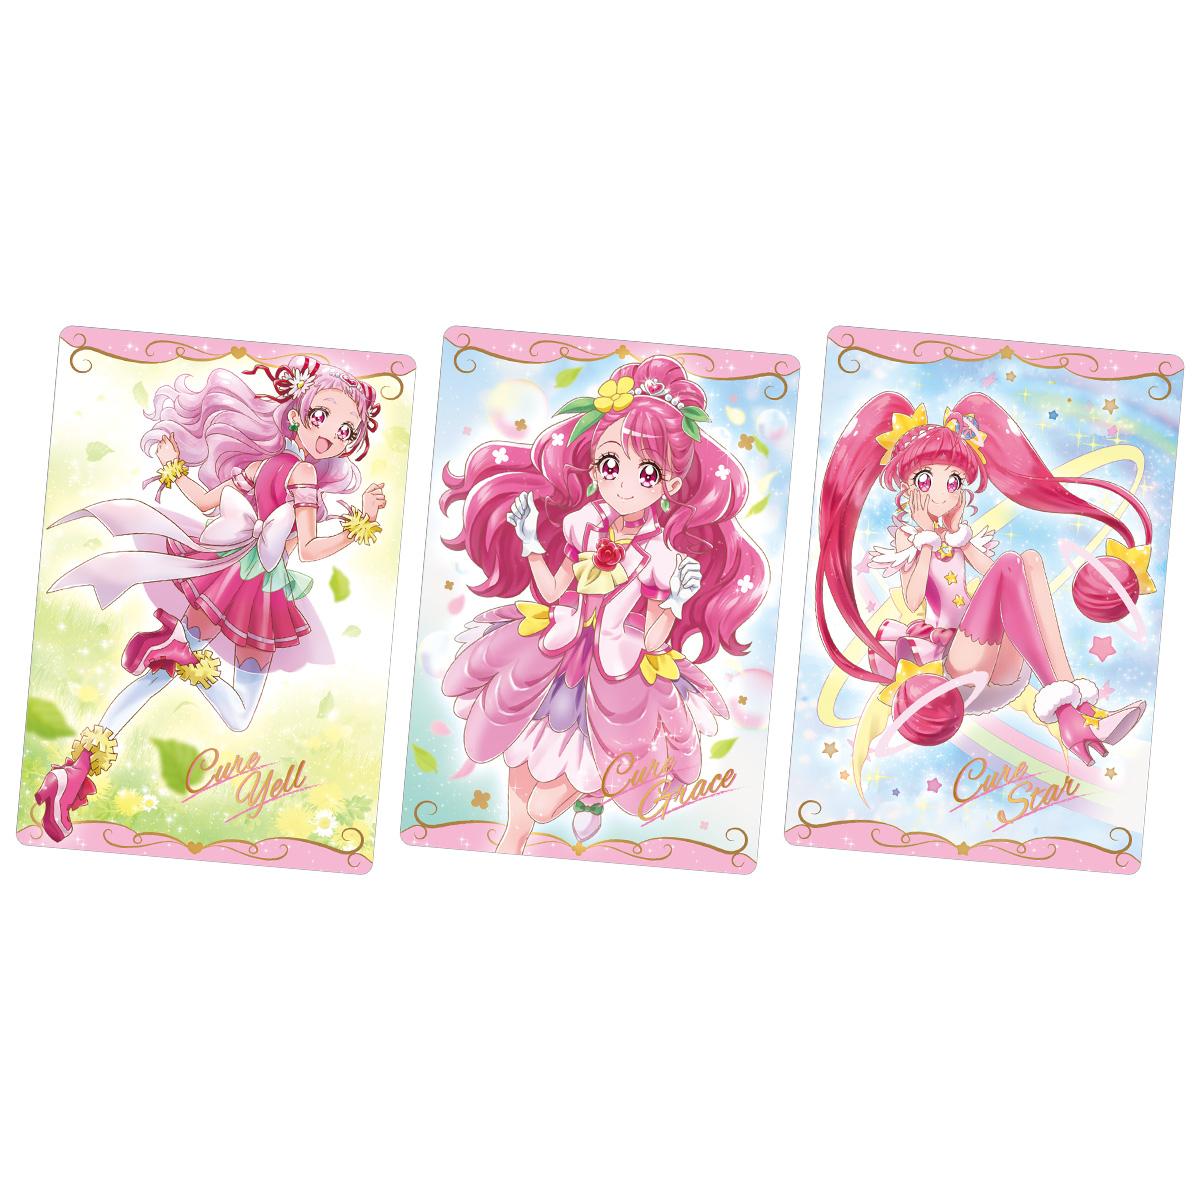 【食玩】プリキュア『プリキュア カードウエハース』20個入りBOX-001